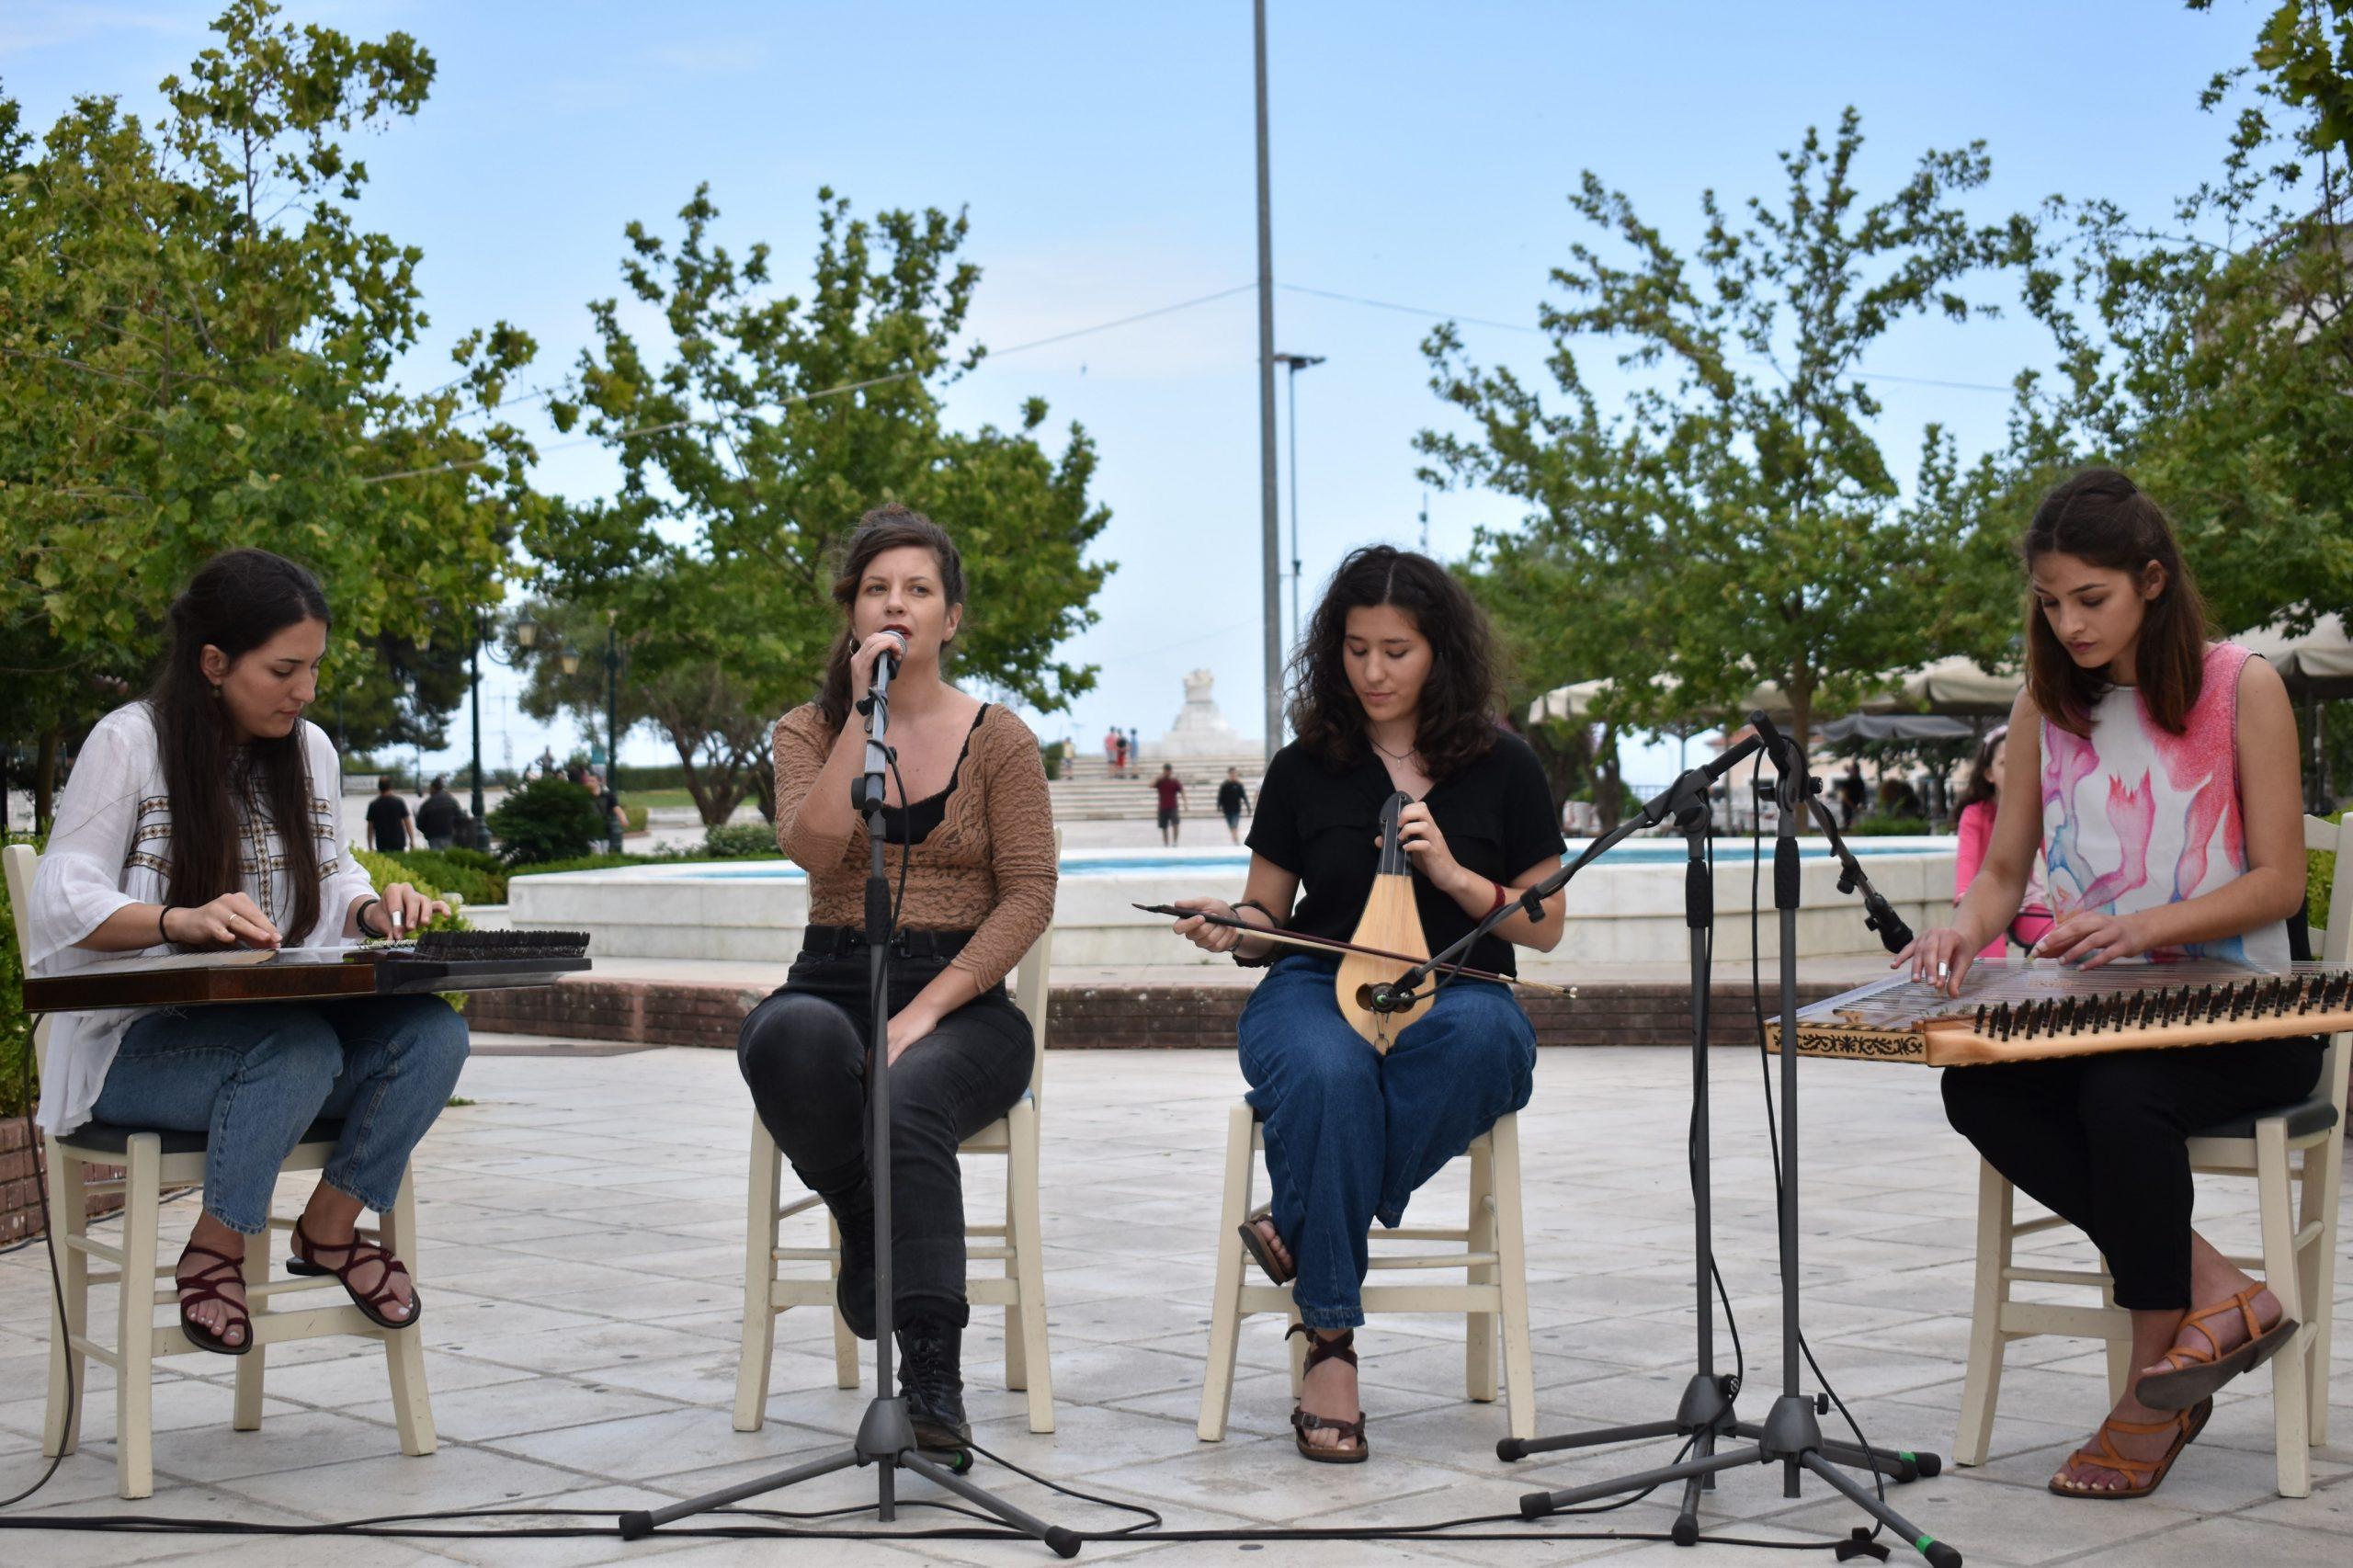 21η Ευρωπαϊκή Γιορτή της Μουσικής: Οι εκδηλώσεις σε Πύργο – Ολυμπία – Κρέστενα